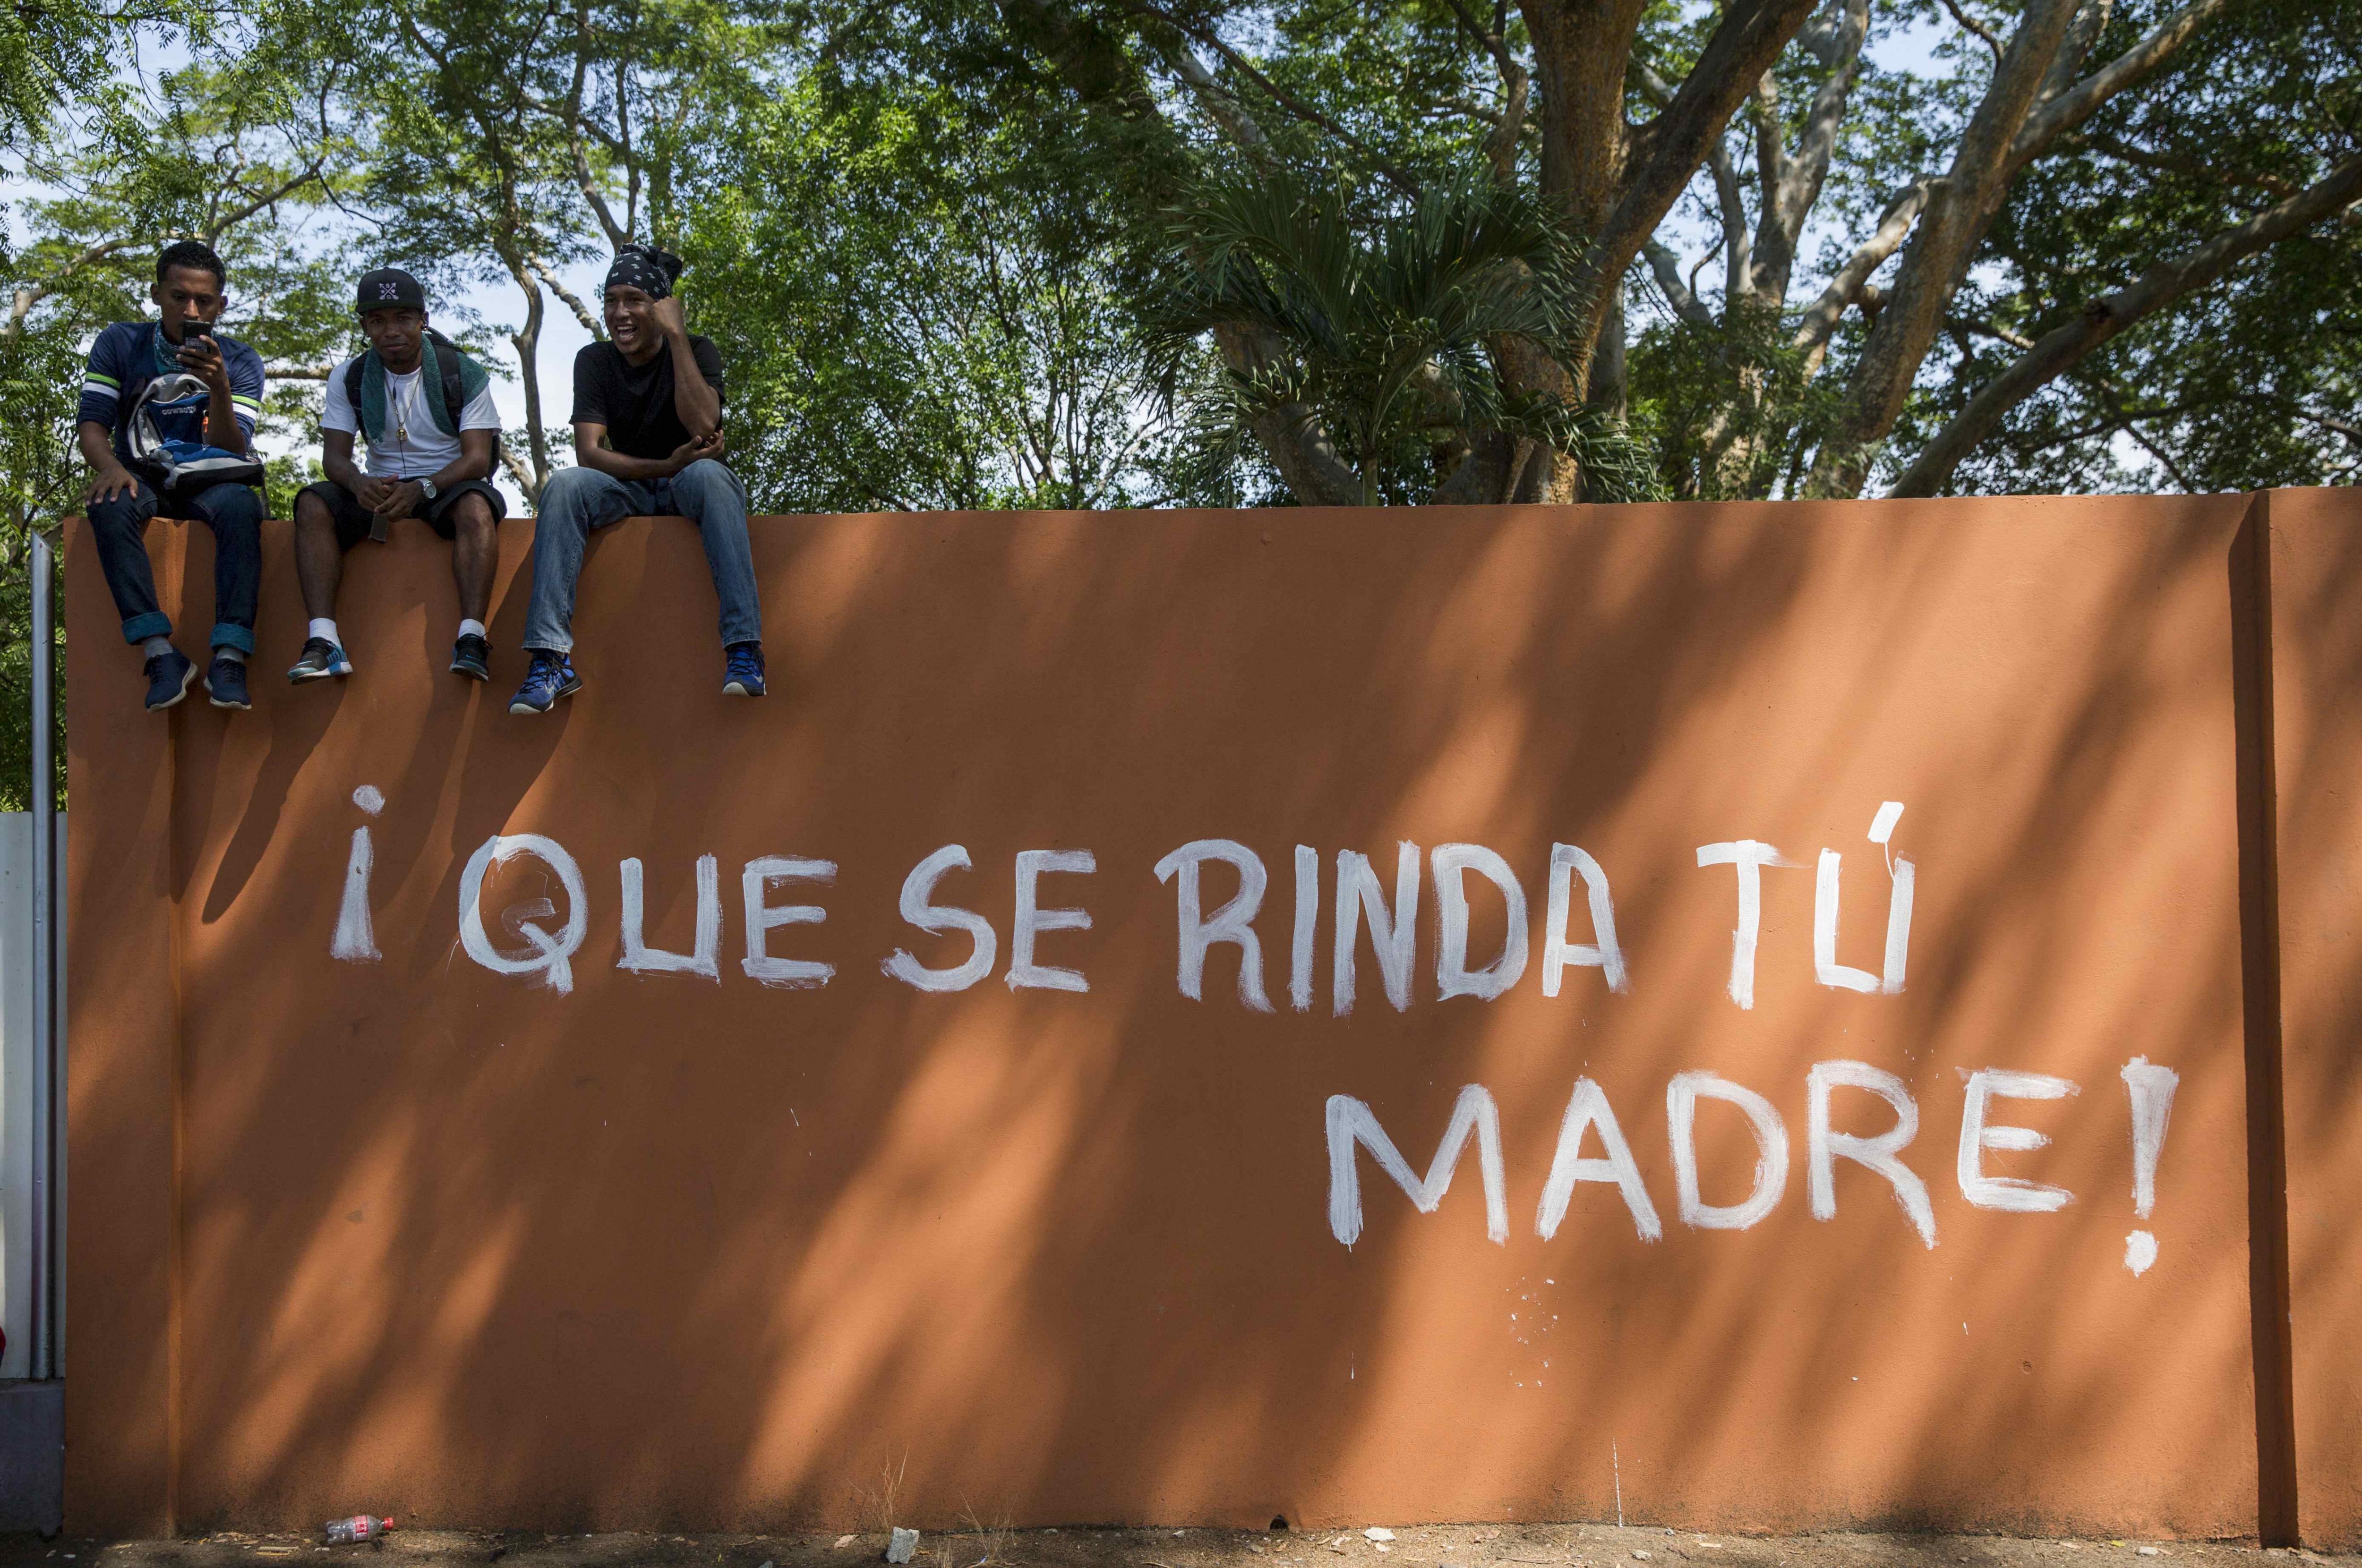 Estudiants d'universitat de Nicaragua demanen cessament a la repressió i justícia. /JORGE TORRES